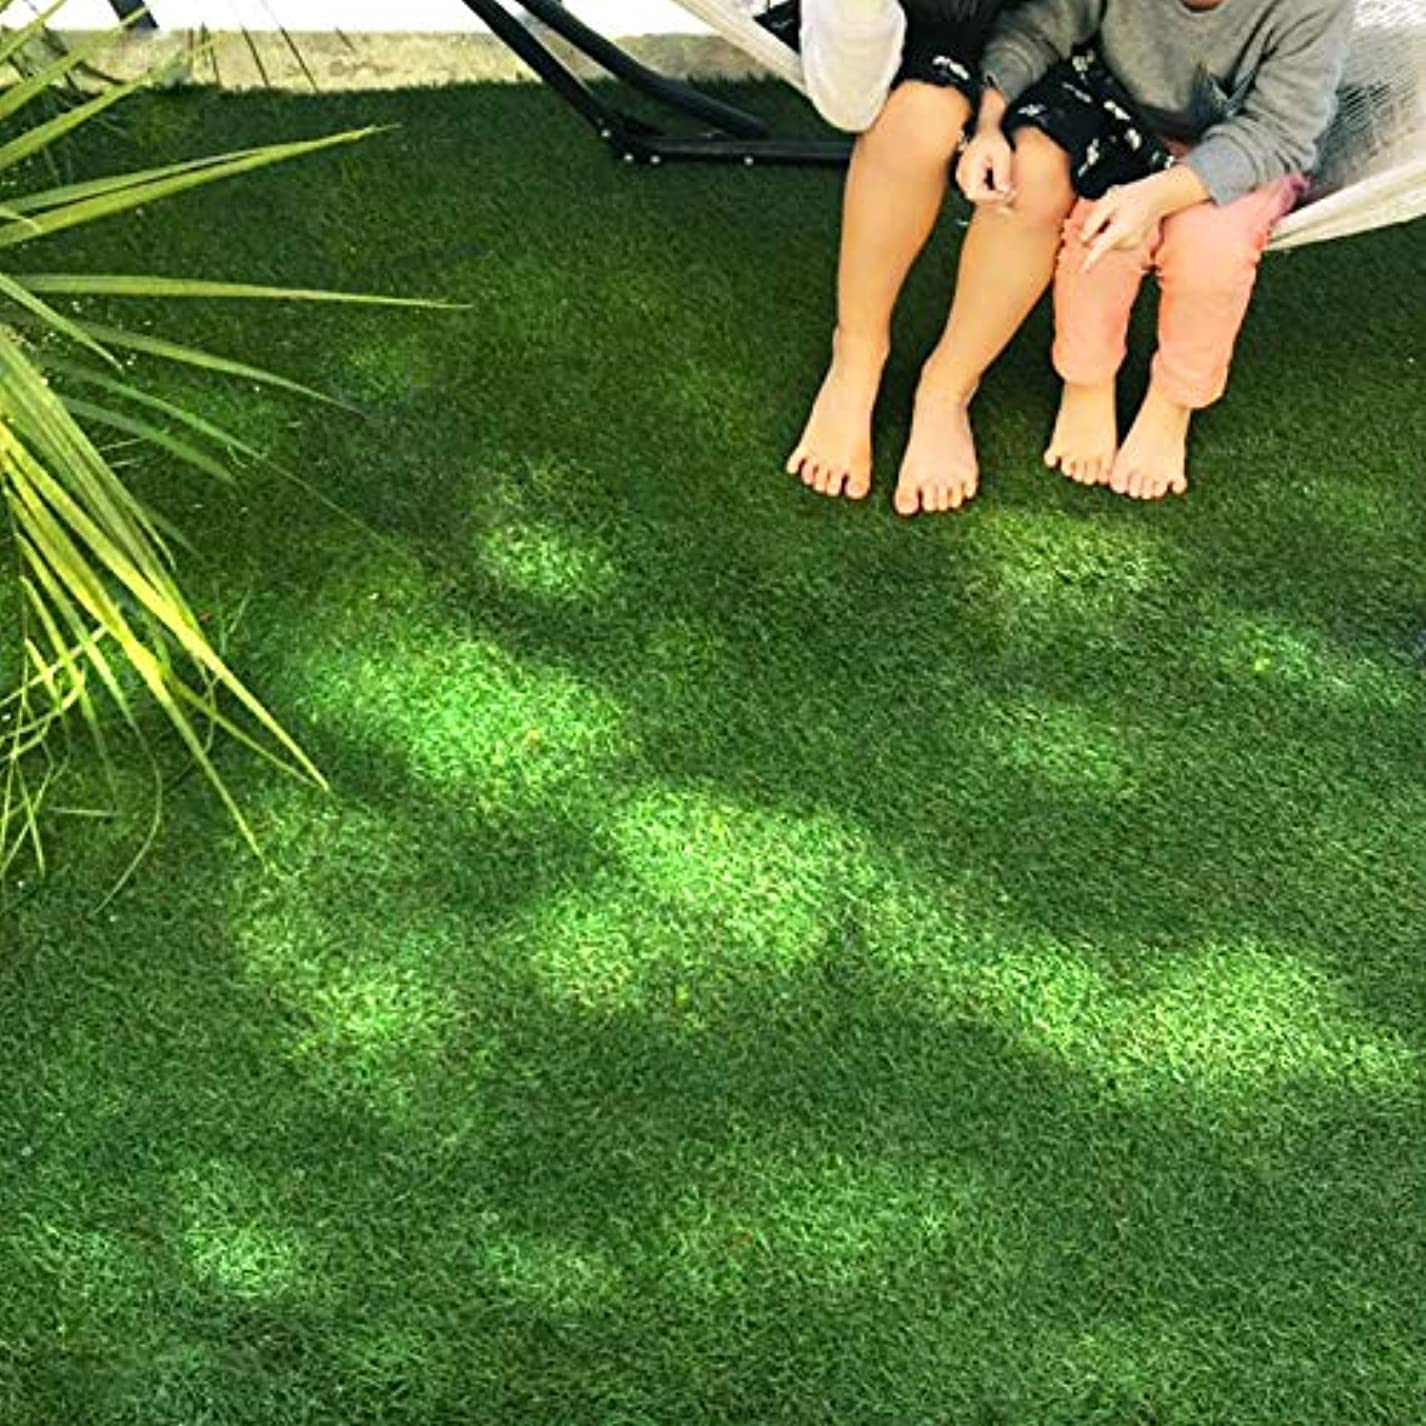 純度週末北方人工芝 ハイグレード リアル 人工芝 ロールタイプ 芝丈30mm 2m×5m